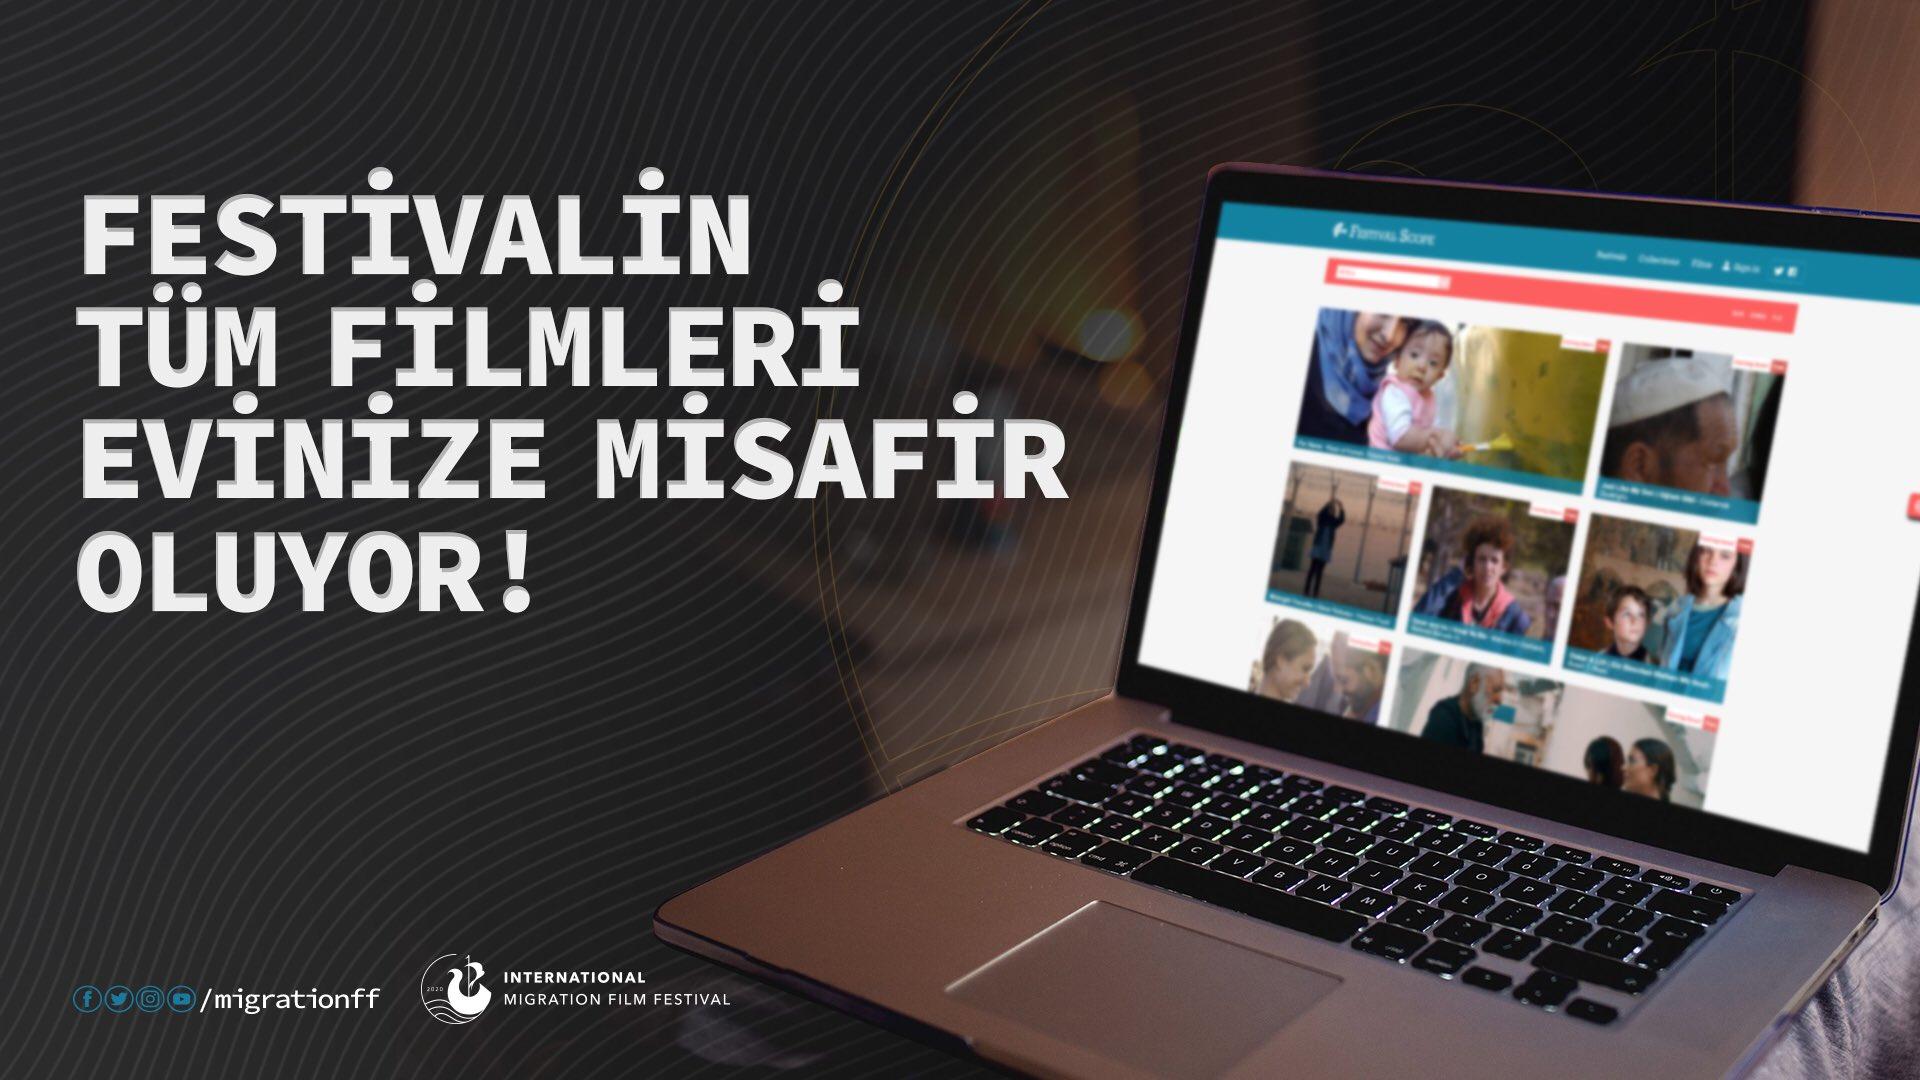 Uluslararası Göç Filmleri Festivali bugün başlıyor!